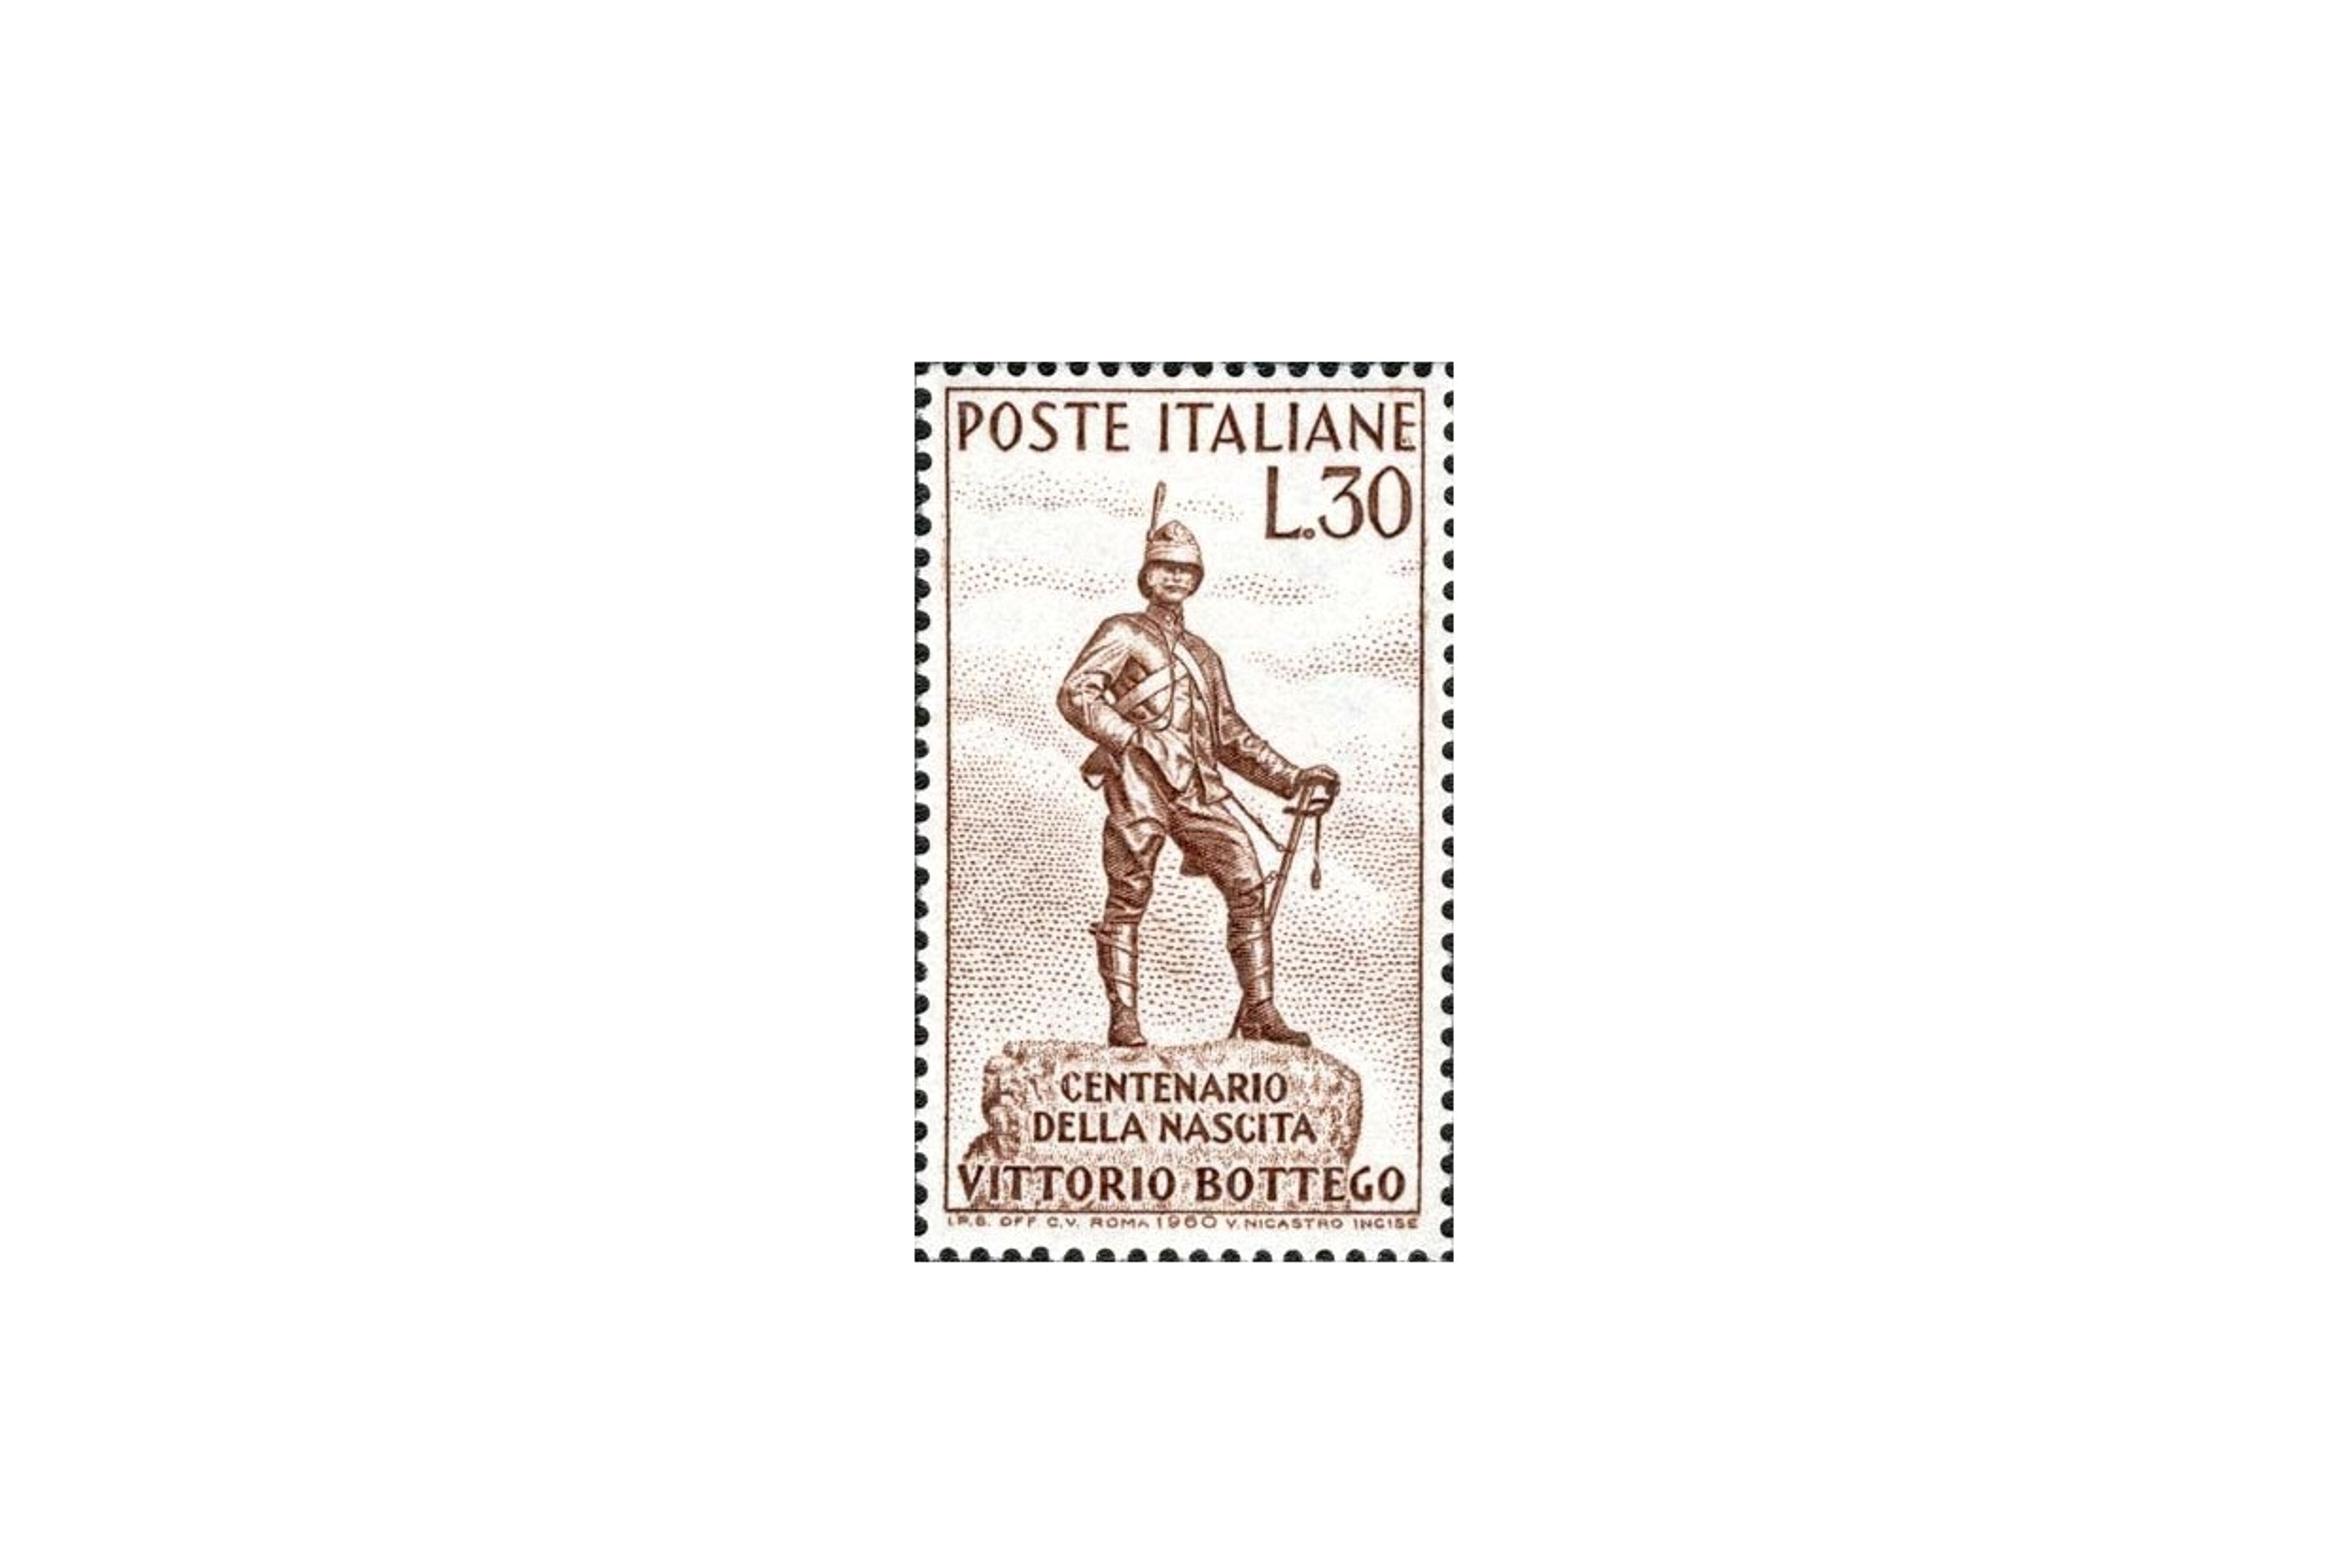 Vittorio Bottego una grande passione per l'Africa Orientale